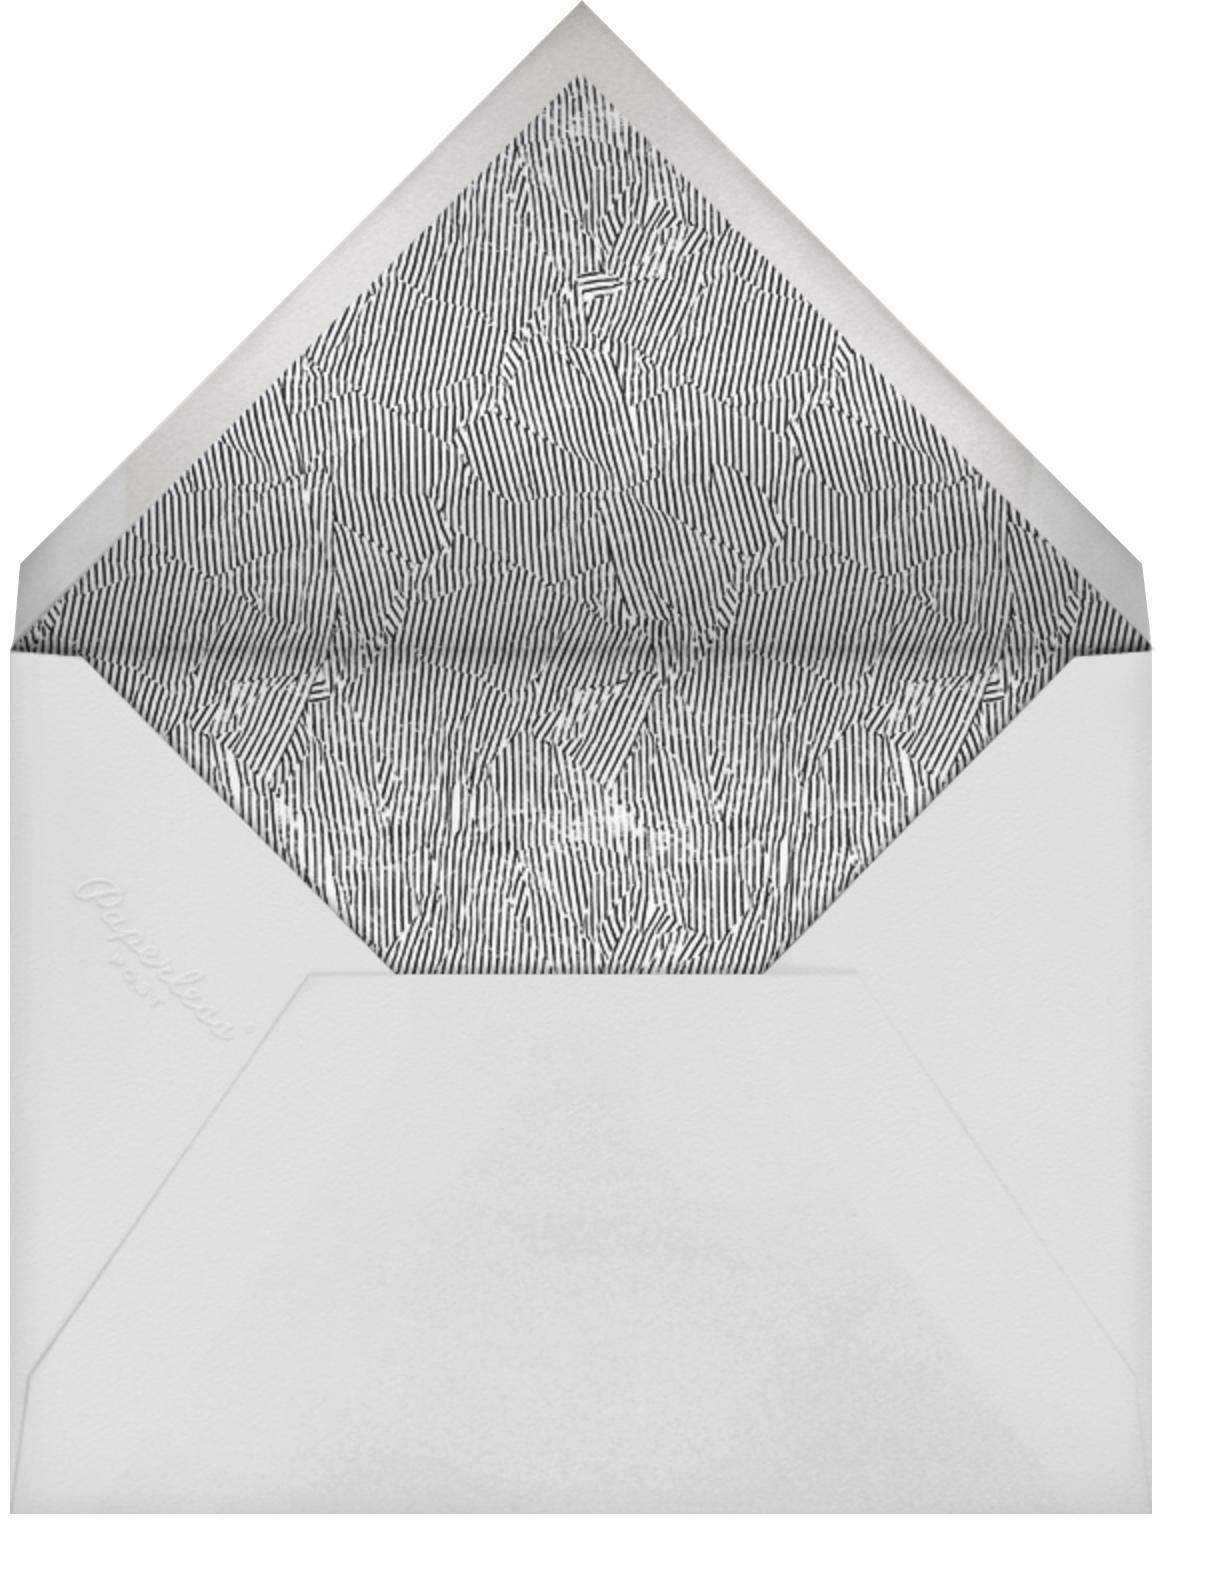 Covet - Metallic - Kelly Wearstler - Christmas party - envelope back